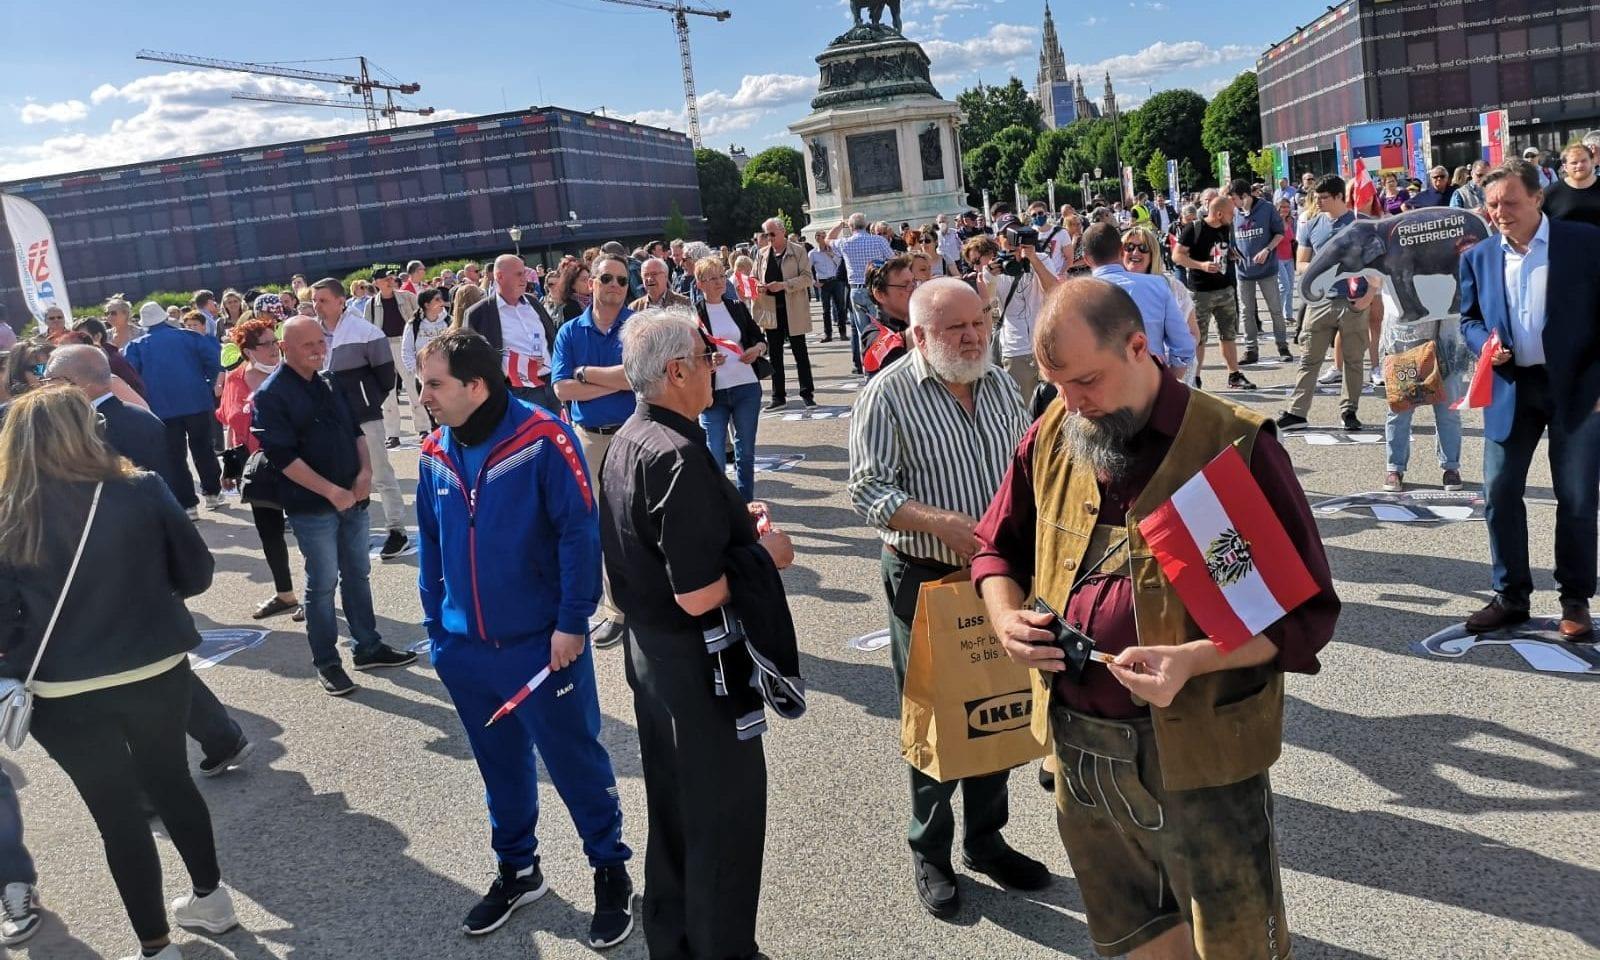 Demo Heldenplatz